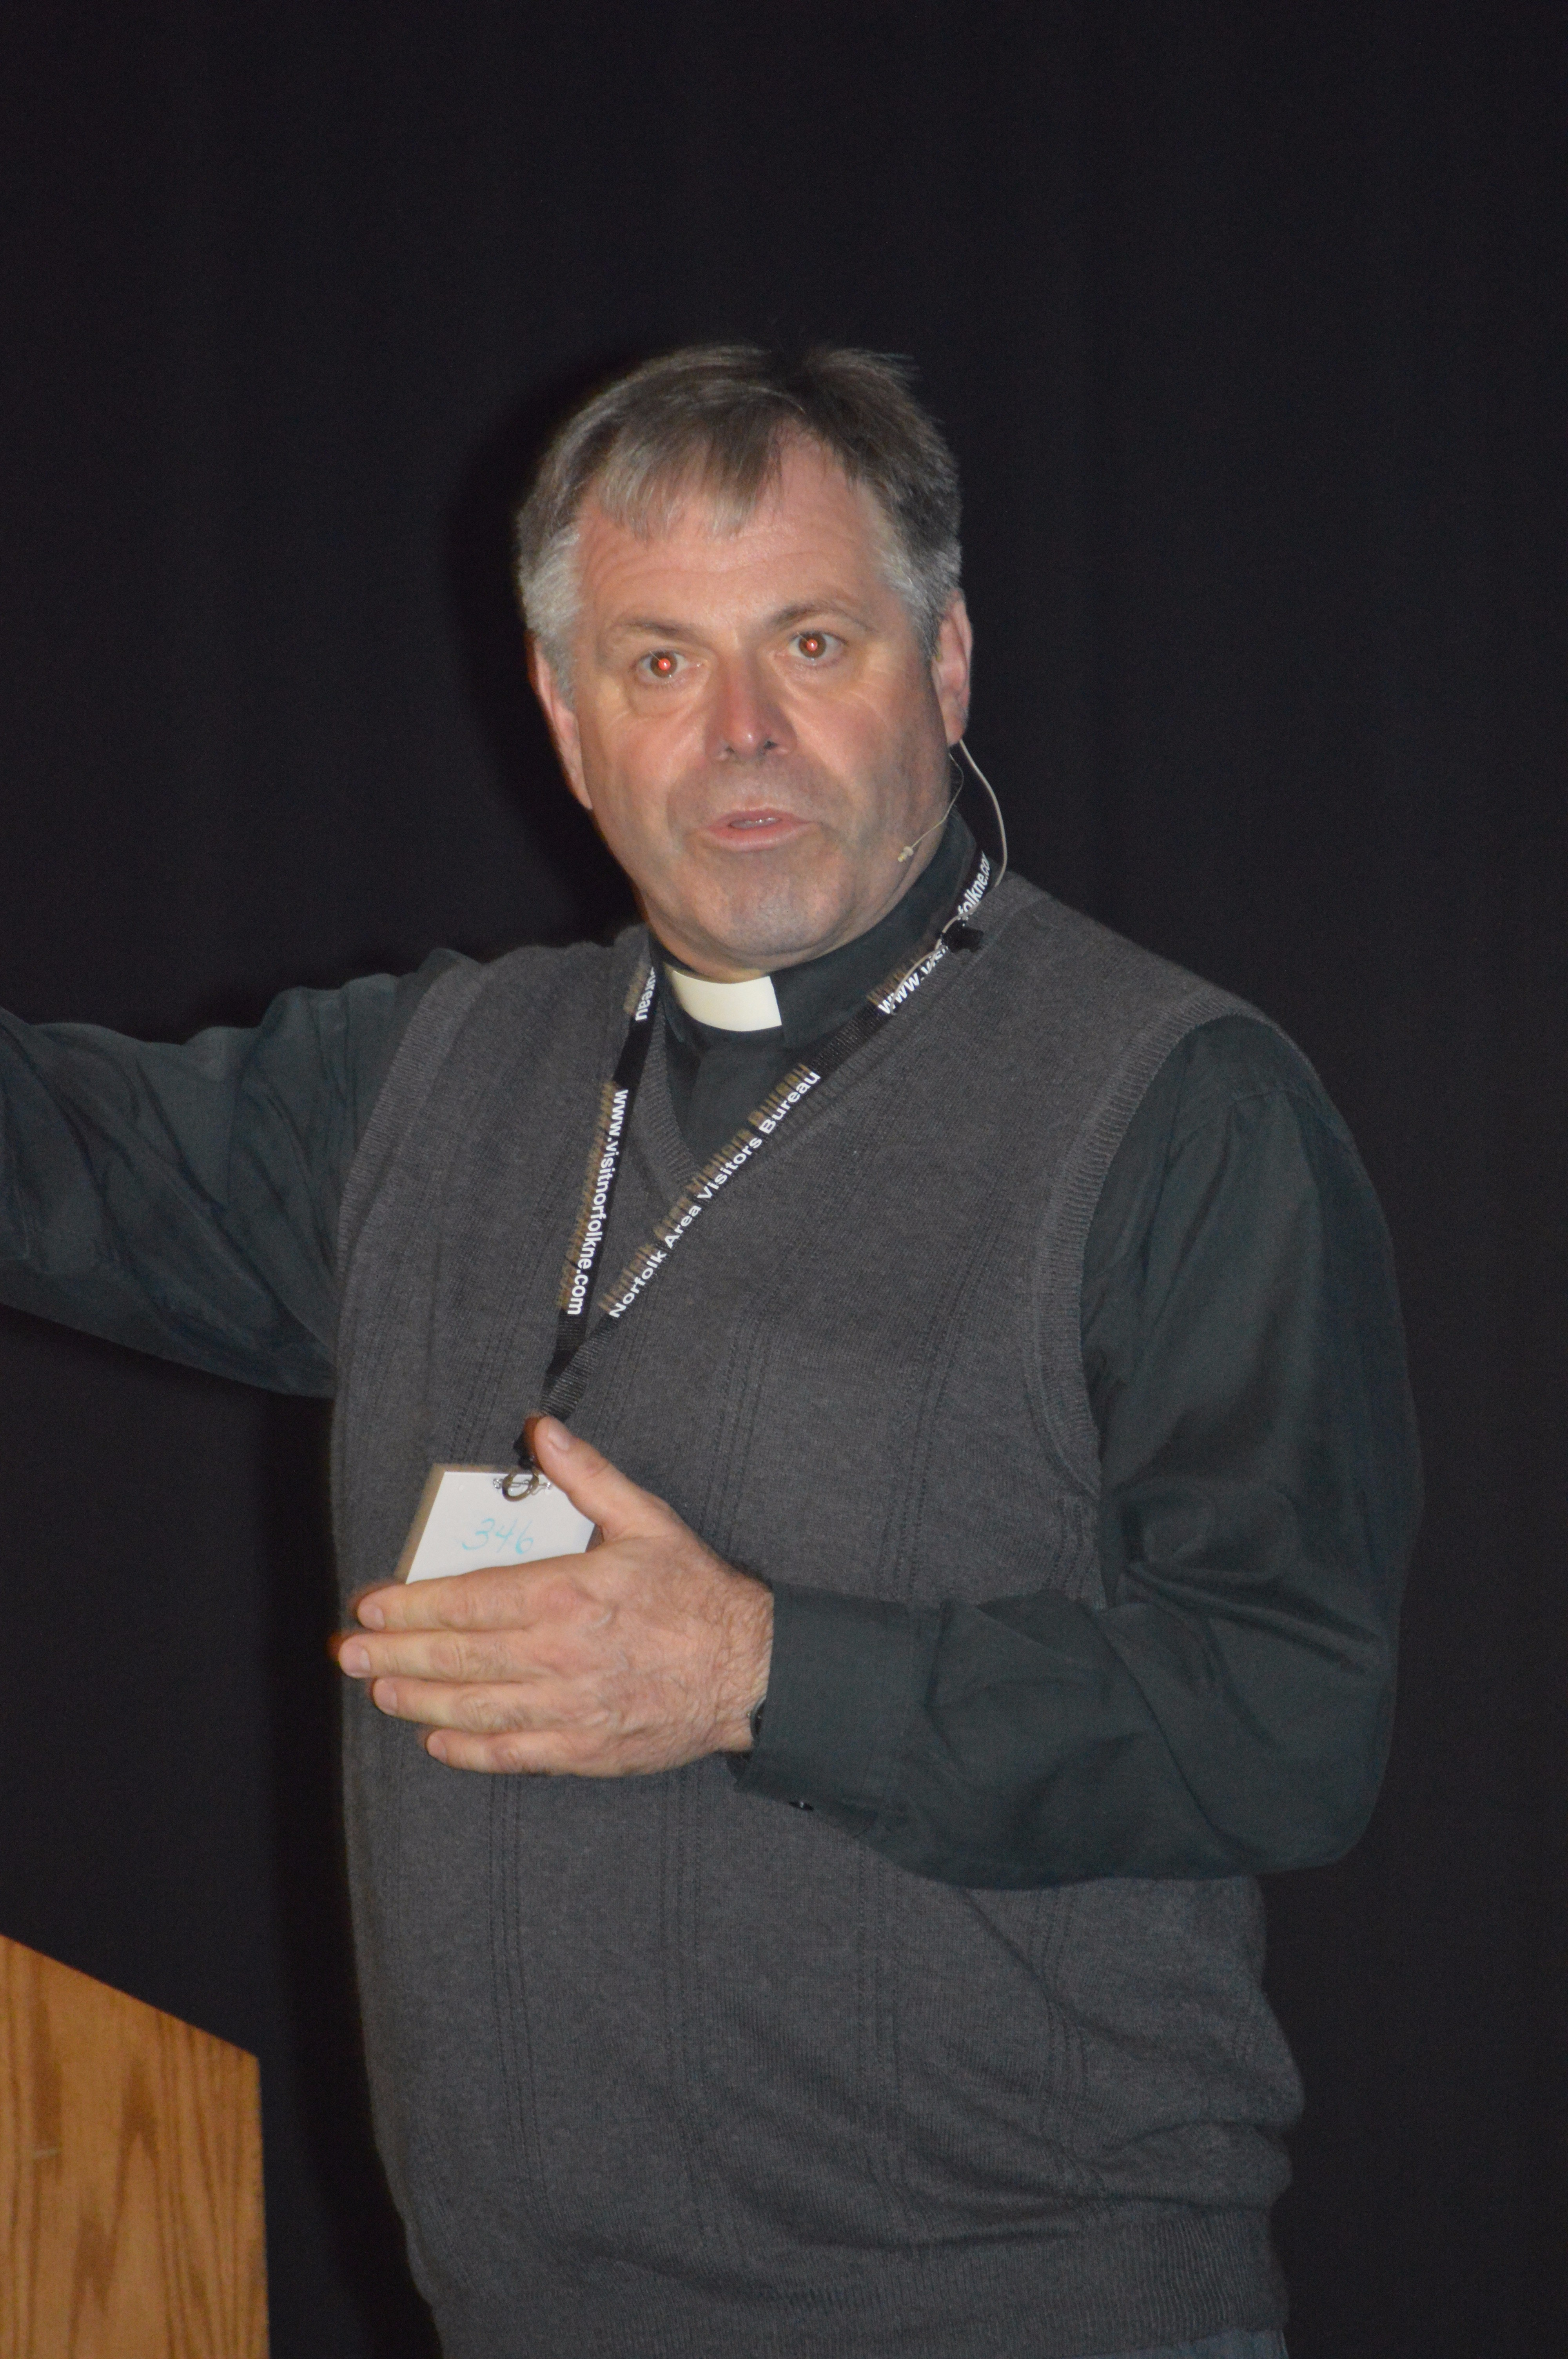 Pastor Eglitis - Latvia